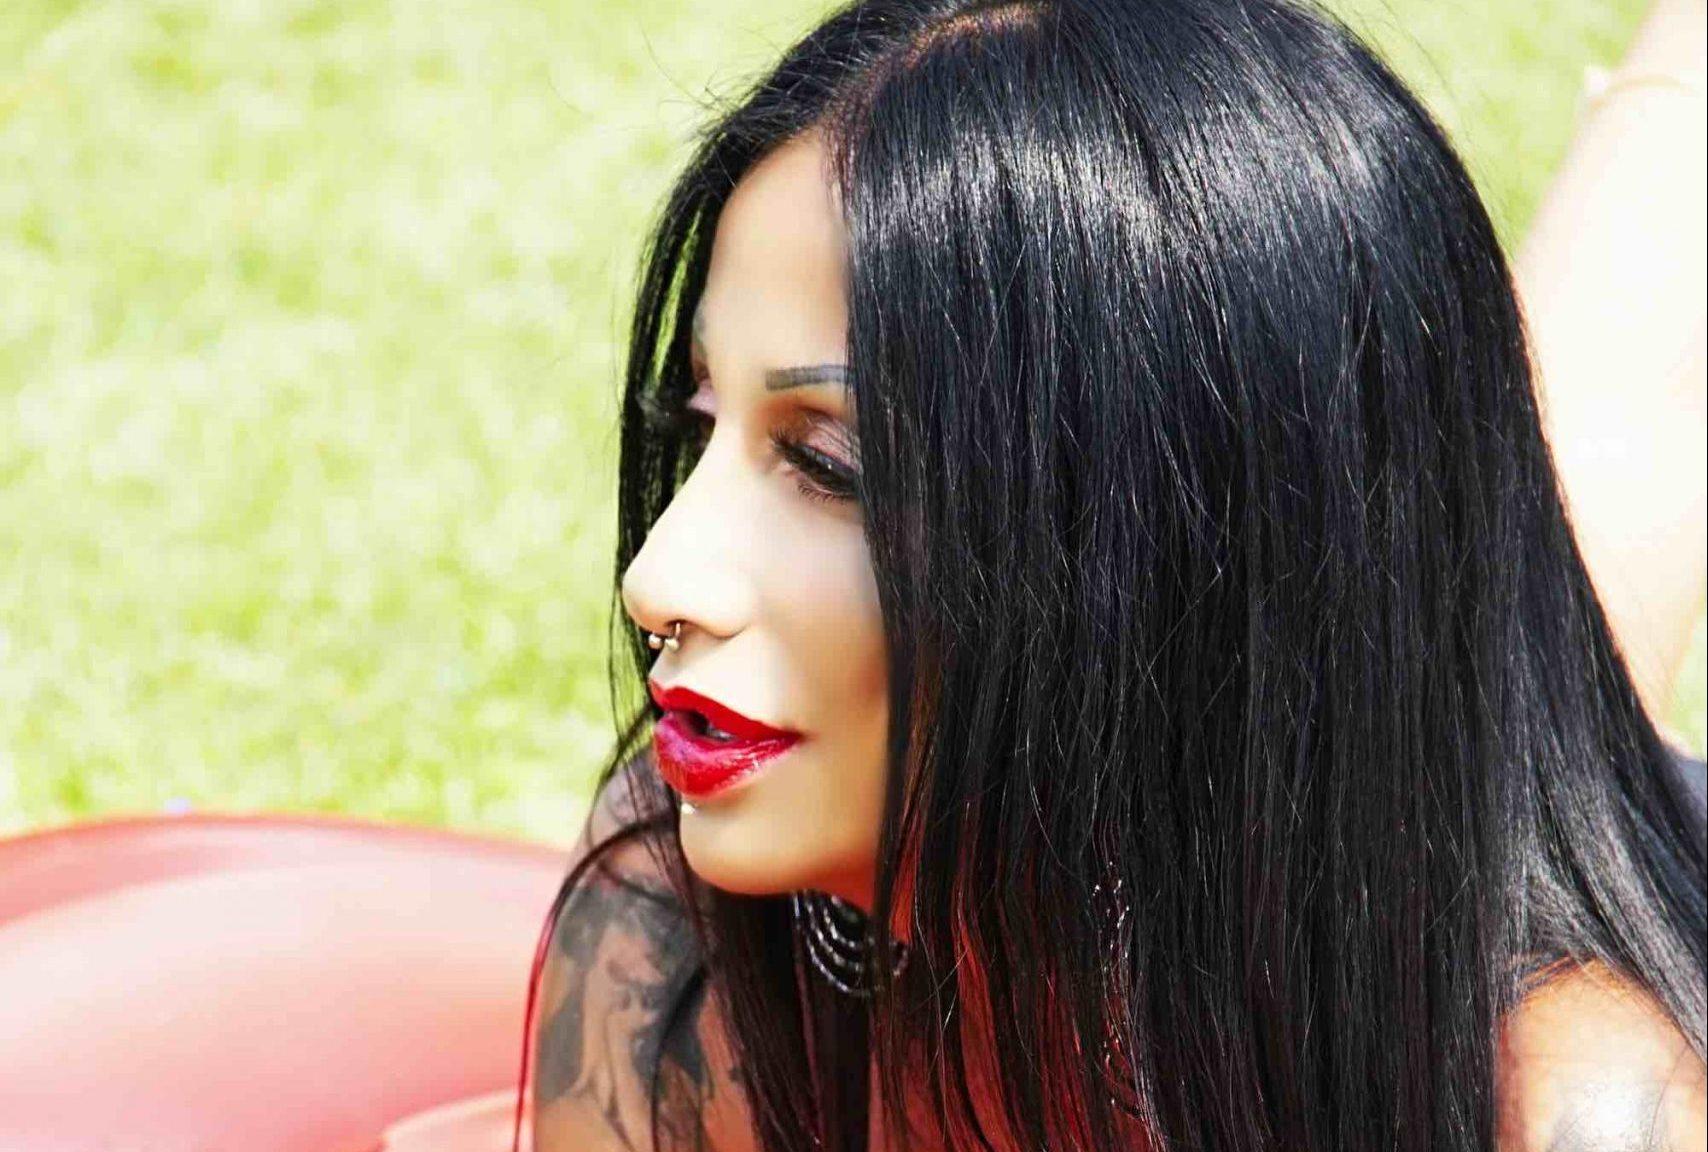 """YULLA: da oggi l'album OLVIDAR """"DIMENTICARE"""" e il singolo """"No me quiero a enamorar"""""""